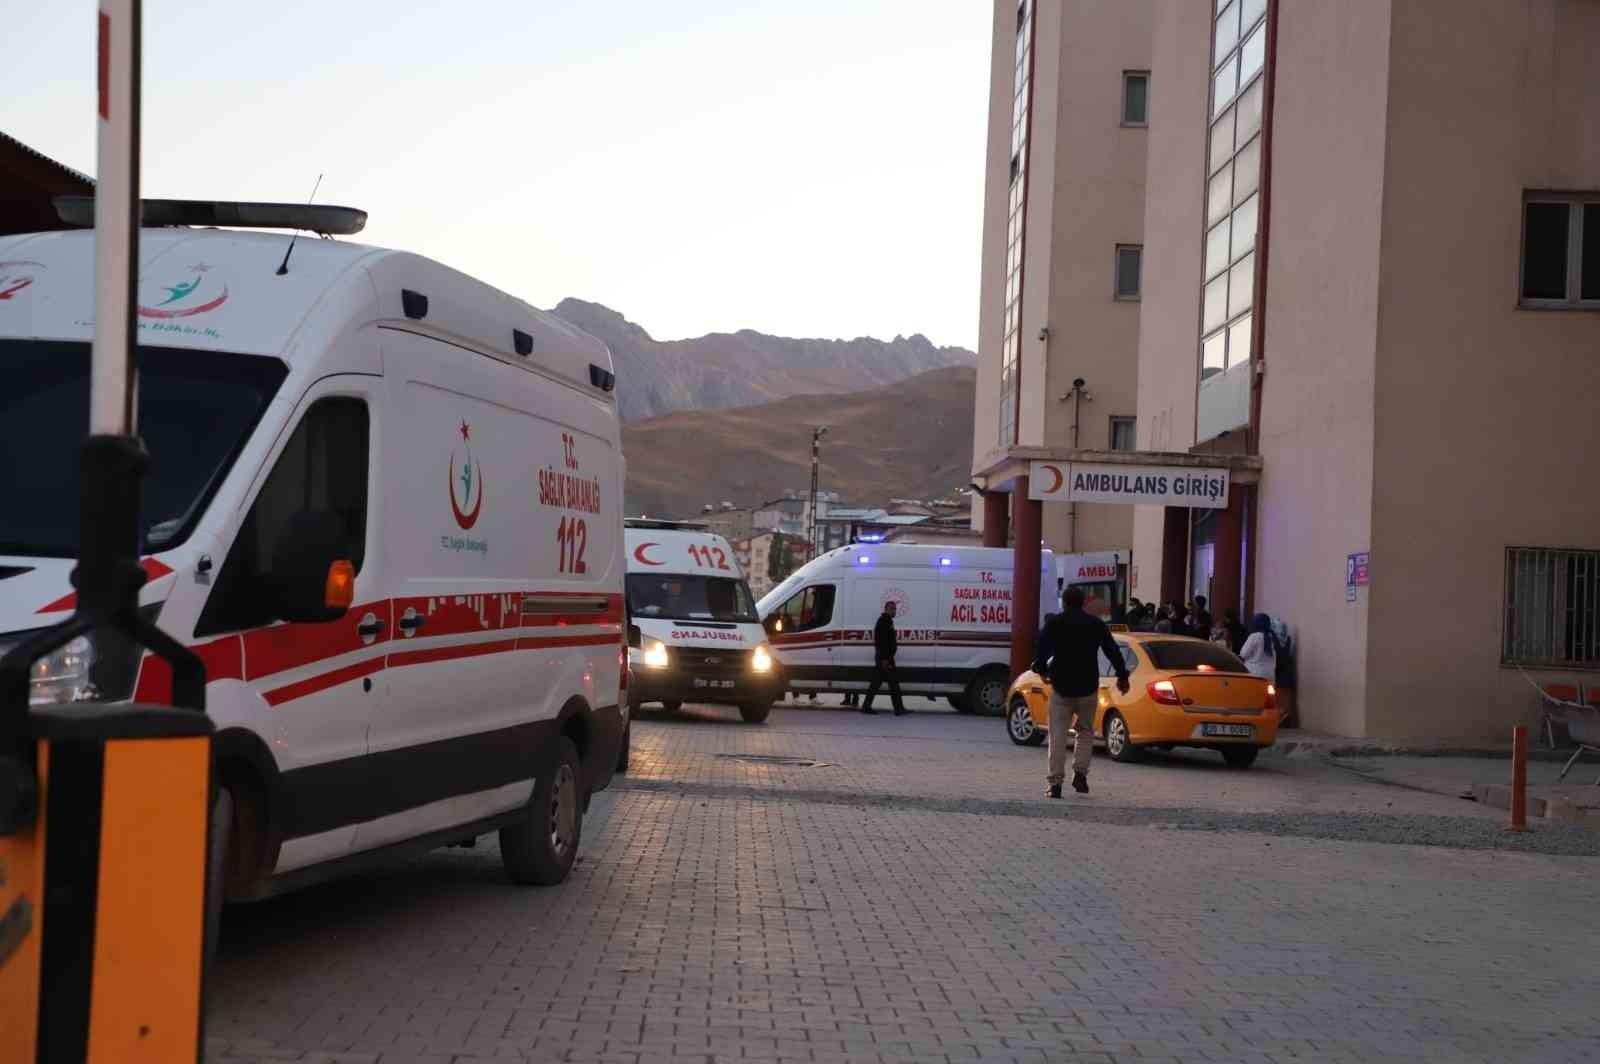 Hakkari'de maden ocağında göçük: 2 ölü, 1 yaralı #hakkari